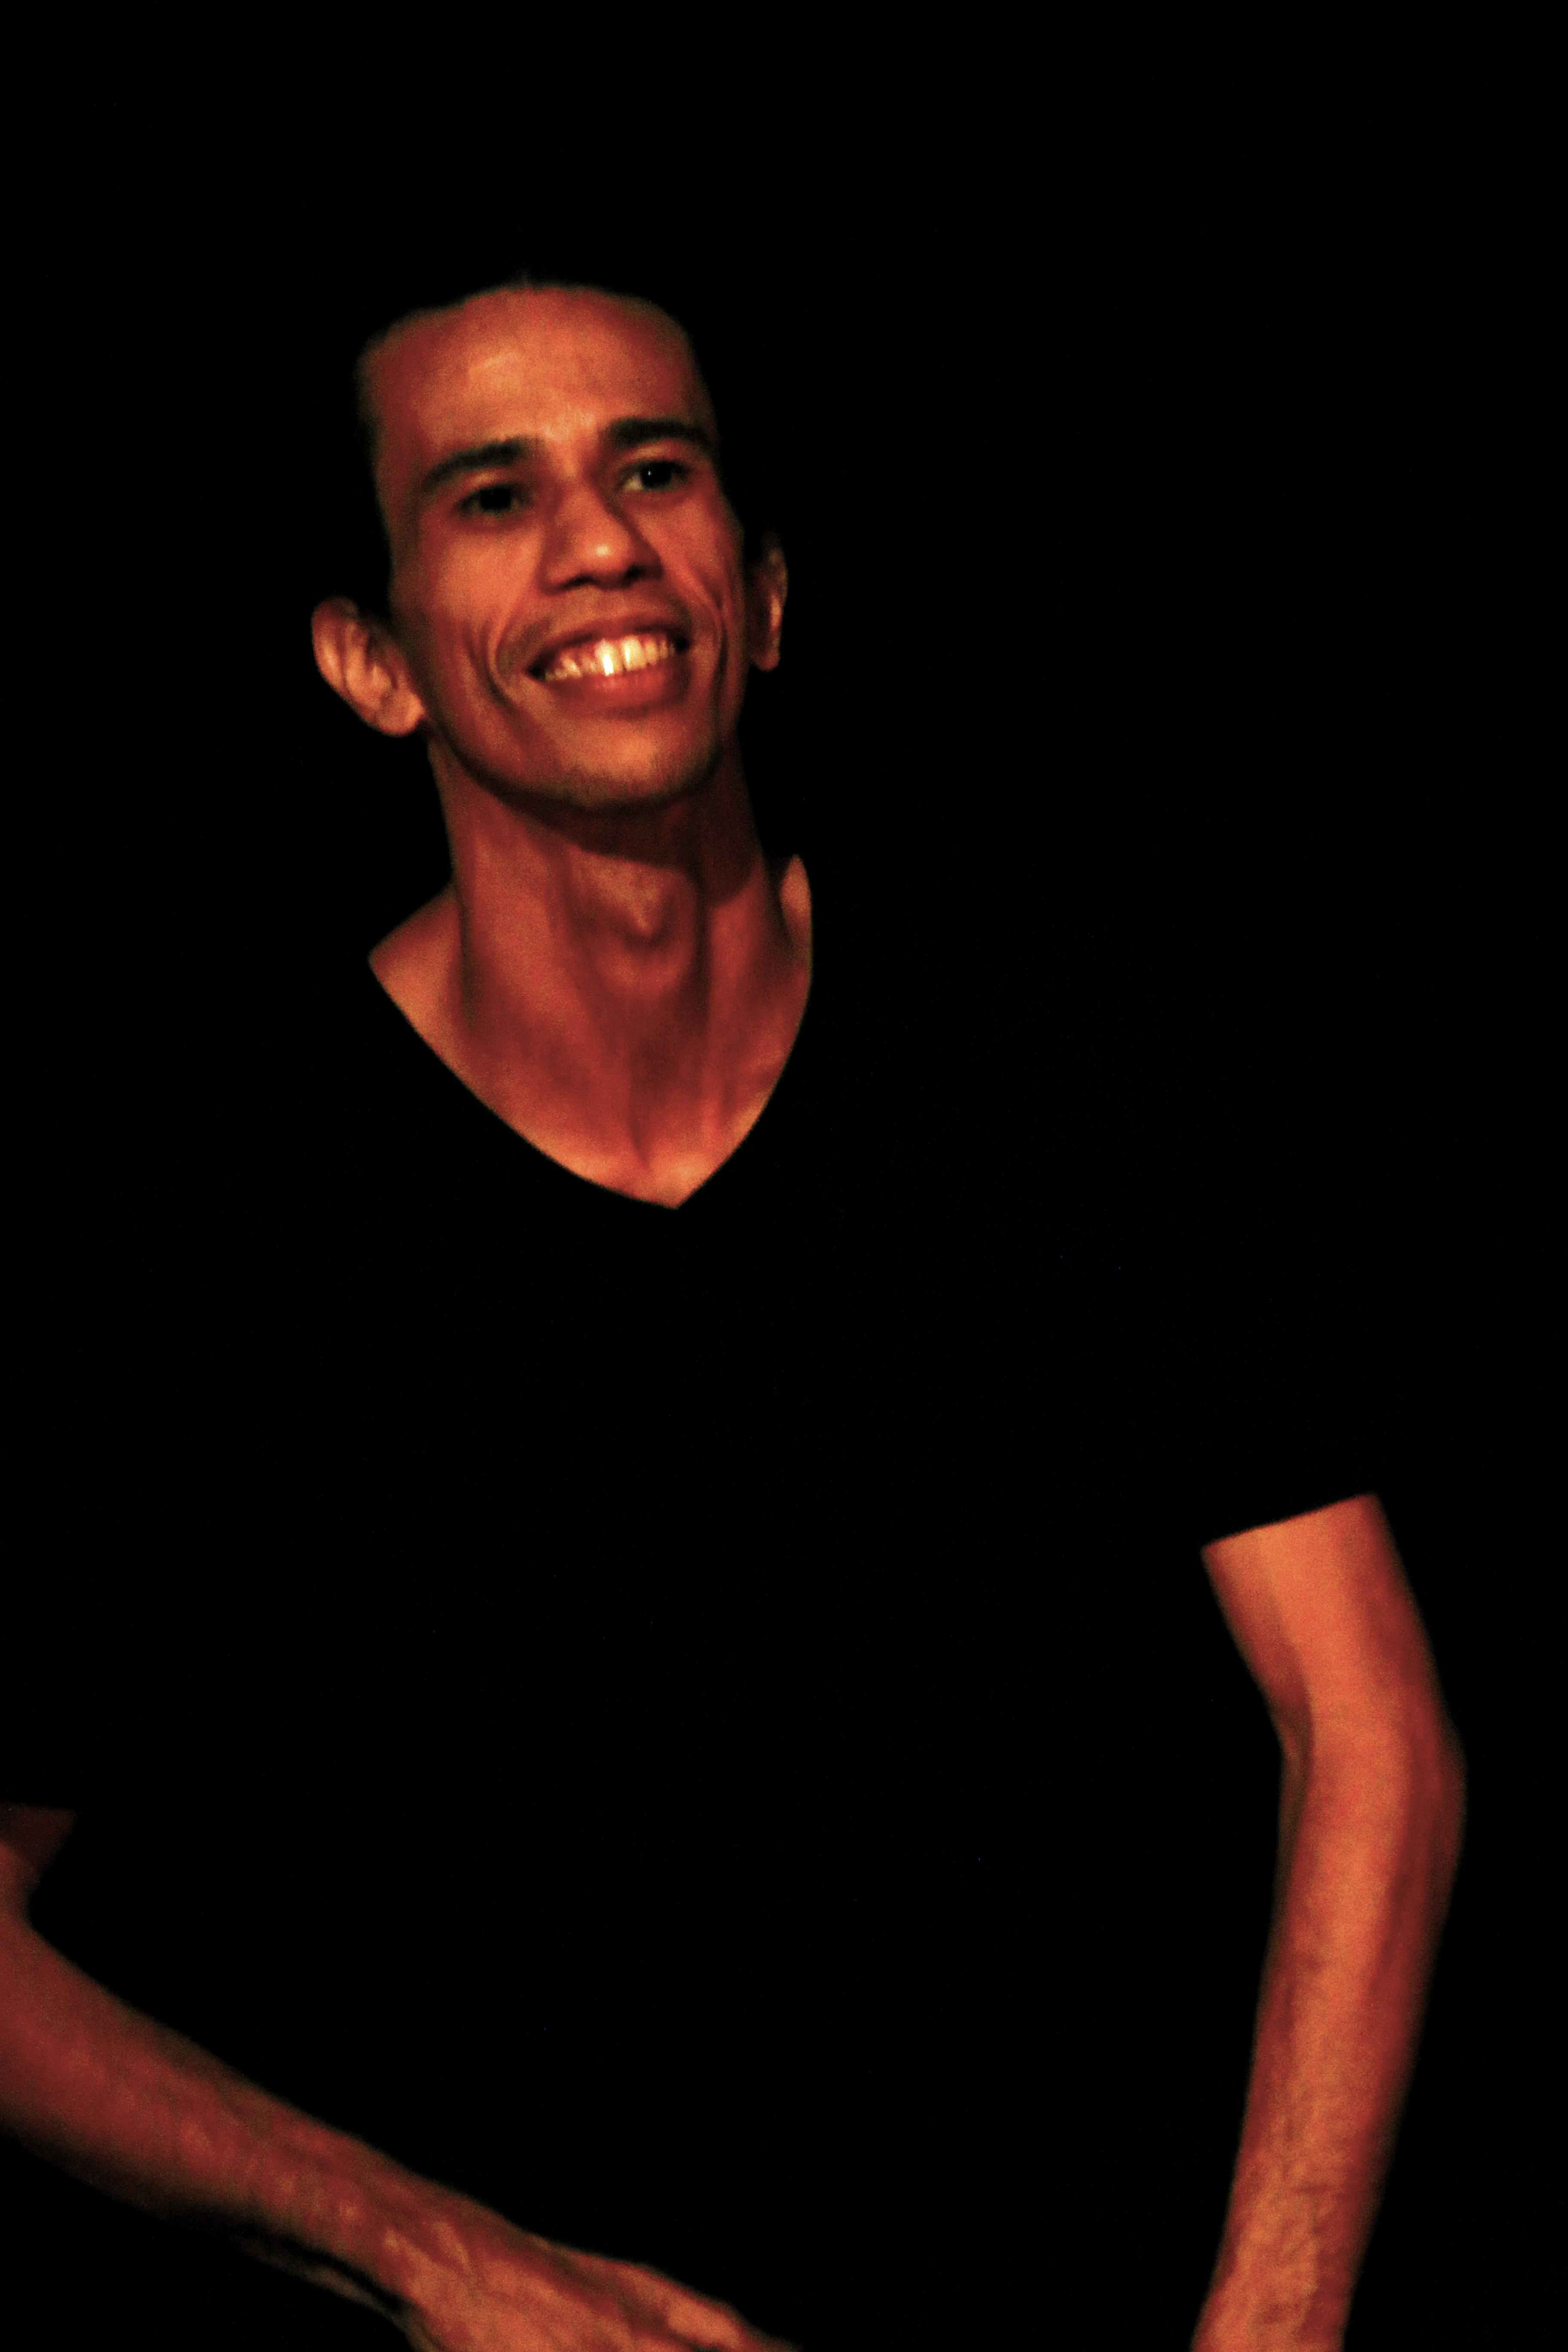 """André Marcos - Atua como ator-pesquisador. No Ponto de Cultura """"Palavras Visíveis"""" atua como facilitador da """"Linguagem da máscara teatral""""."""